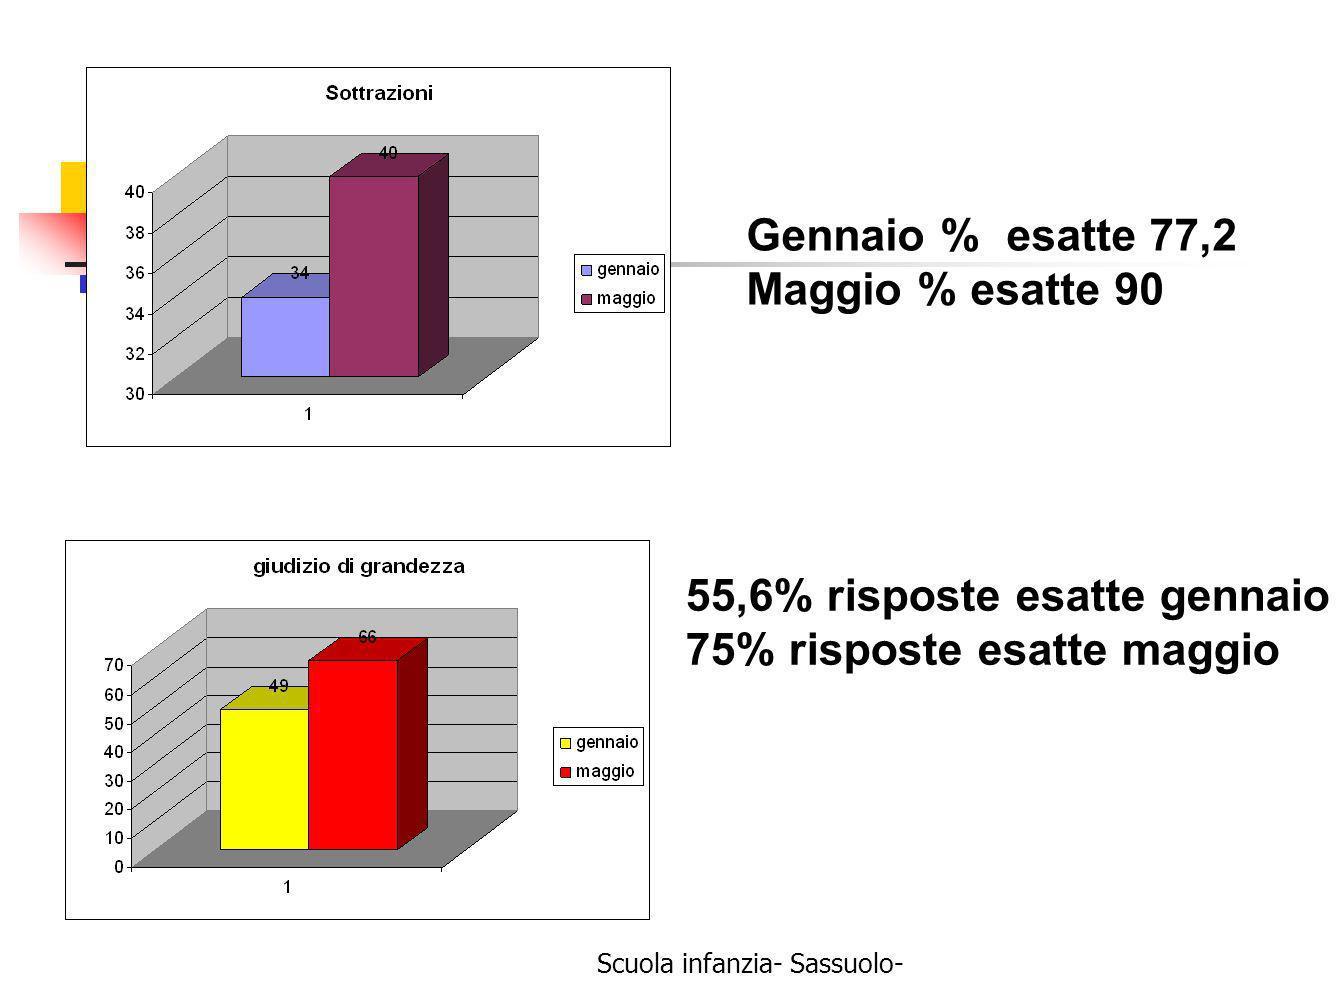 Scuola infanzia- Sassuolo- Gennaio % esatte 77,2 Maggio % esatte 90 55,6% risposte esatte gennaio 75% risposte esatte maggio